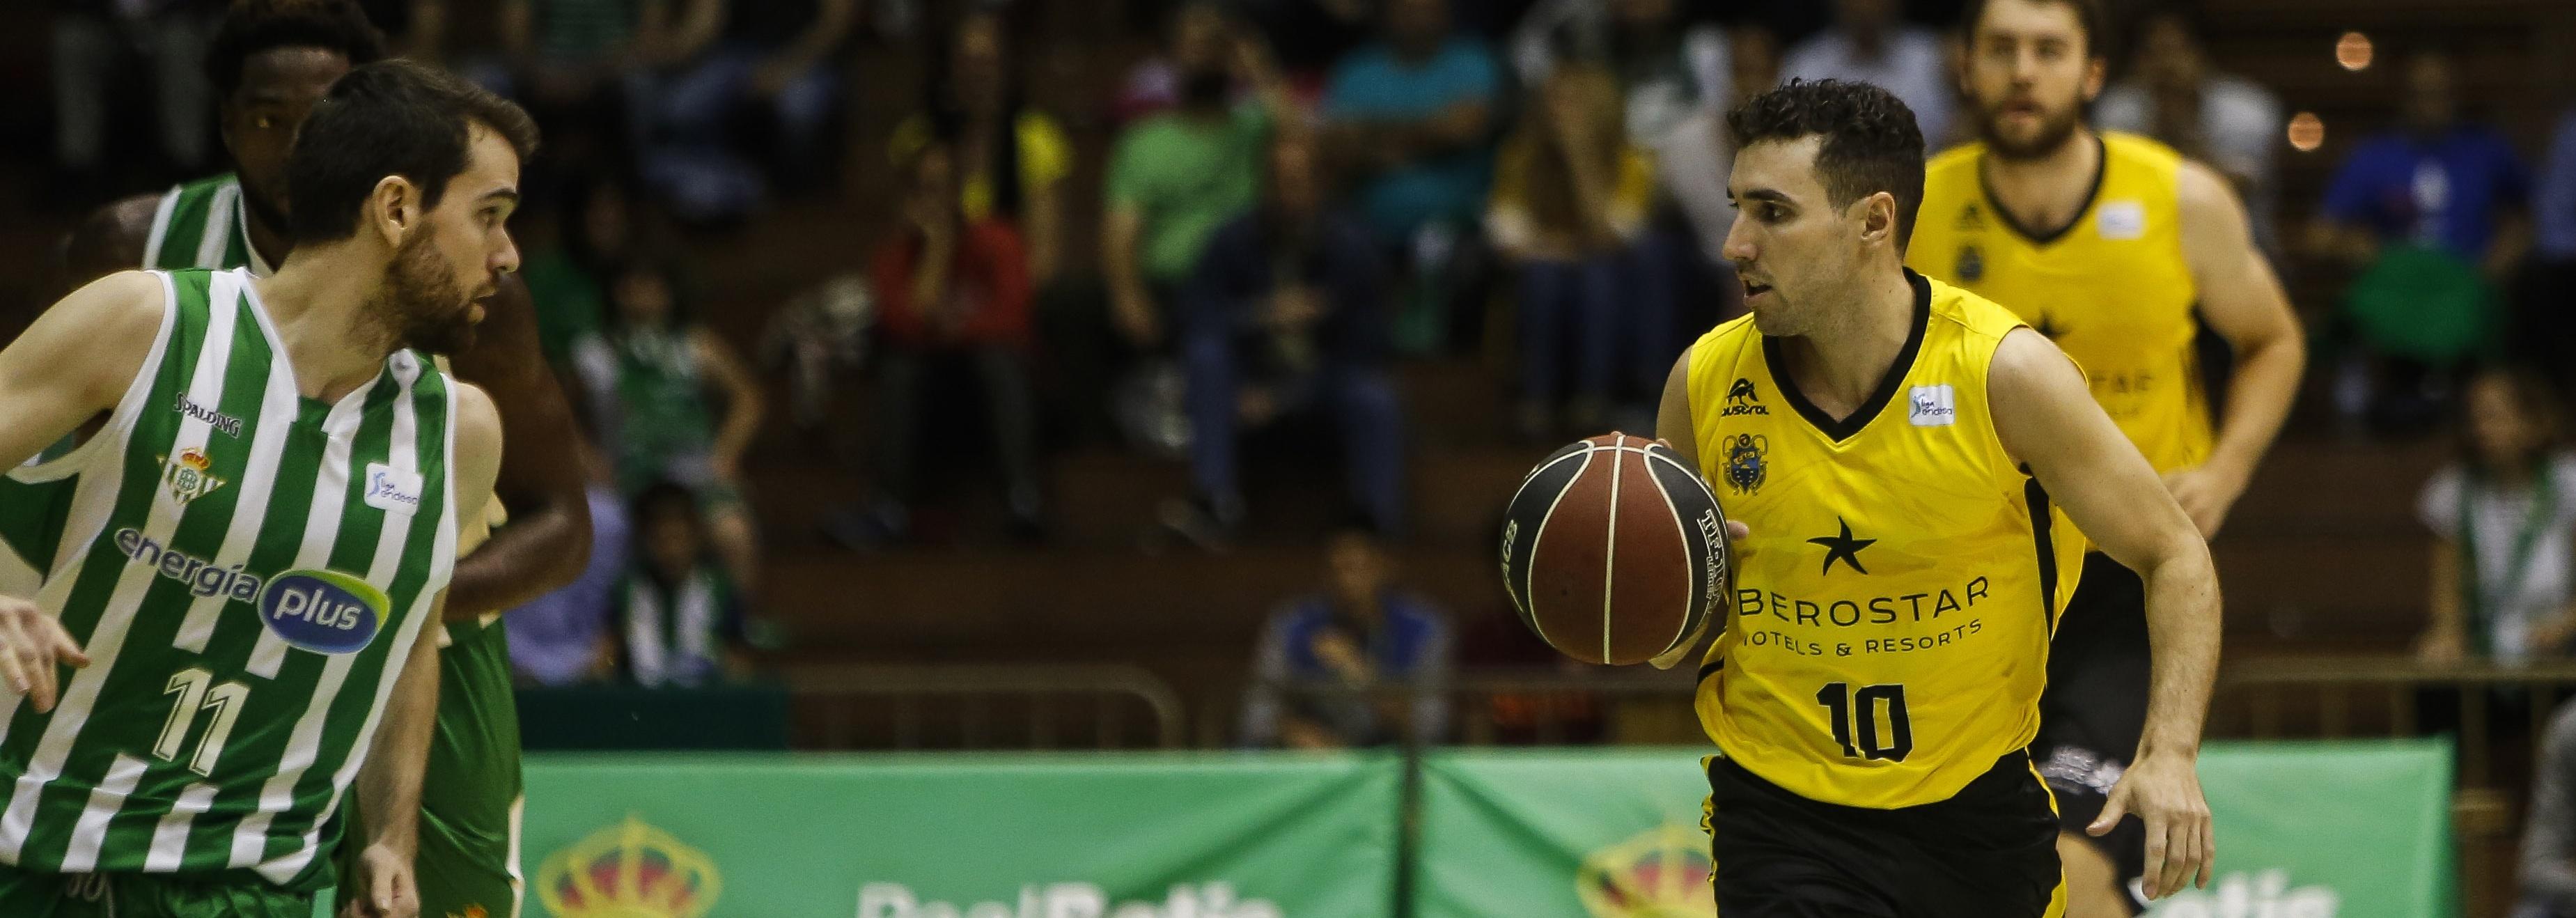 Bassas, en 'Los más' de la Jornada 34 de la Liga ACB 2017/18